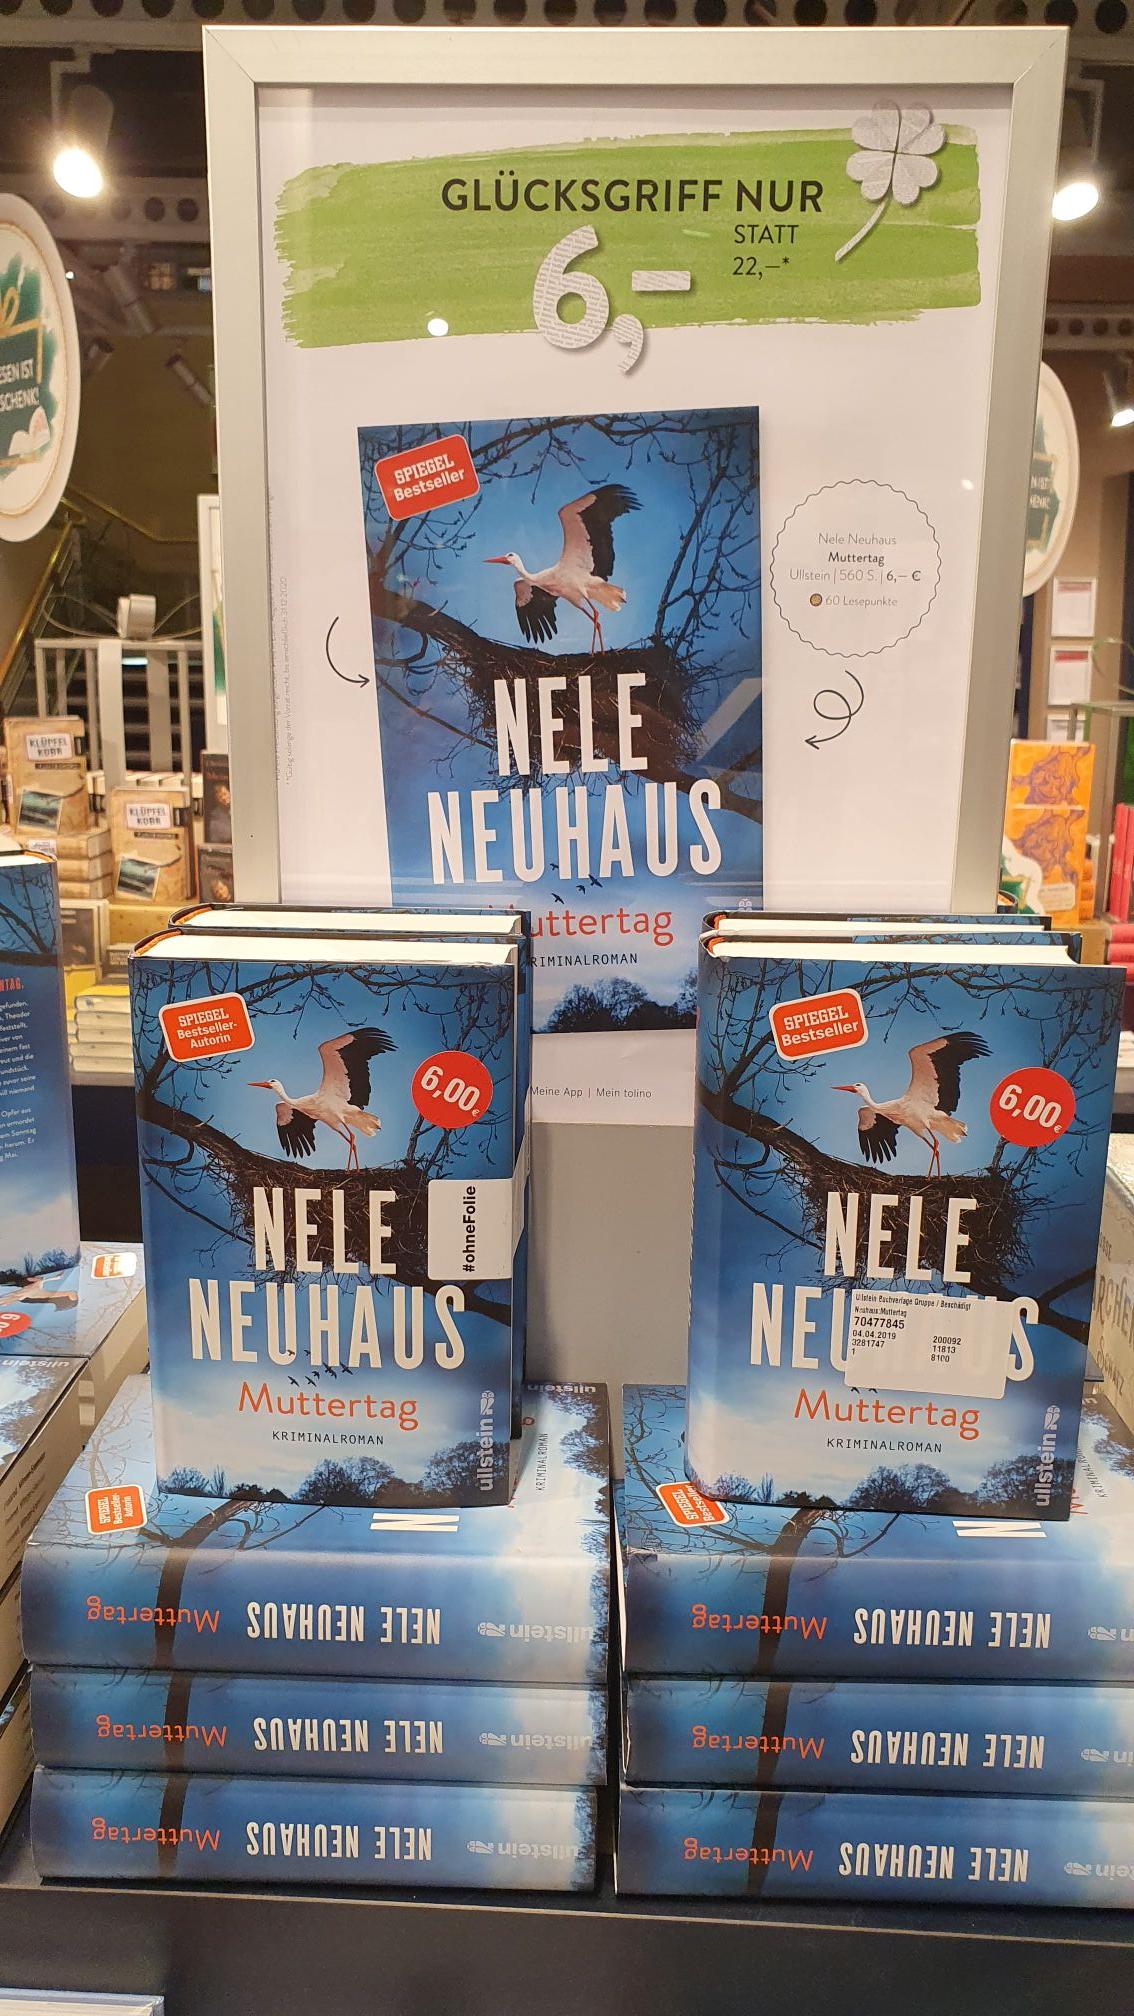 Nele Neuhaus - Muttertag